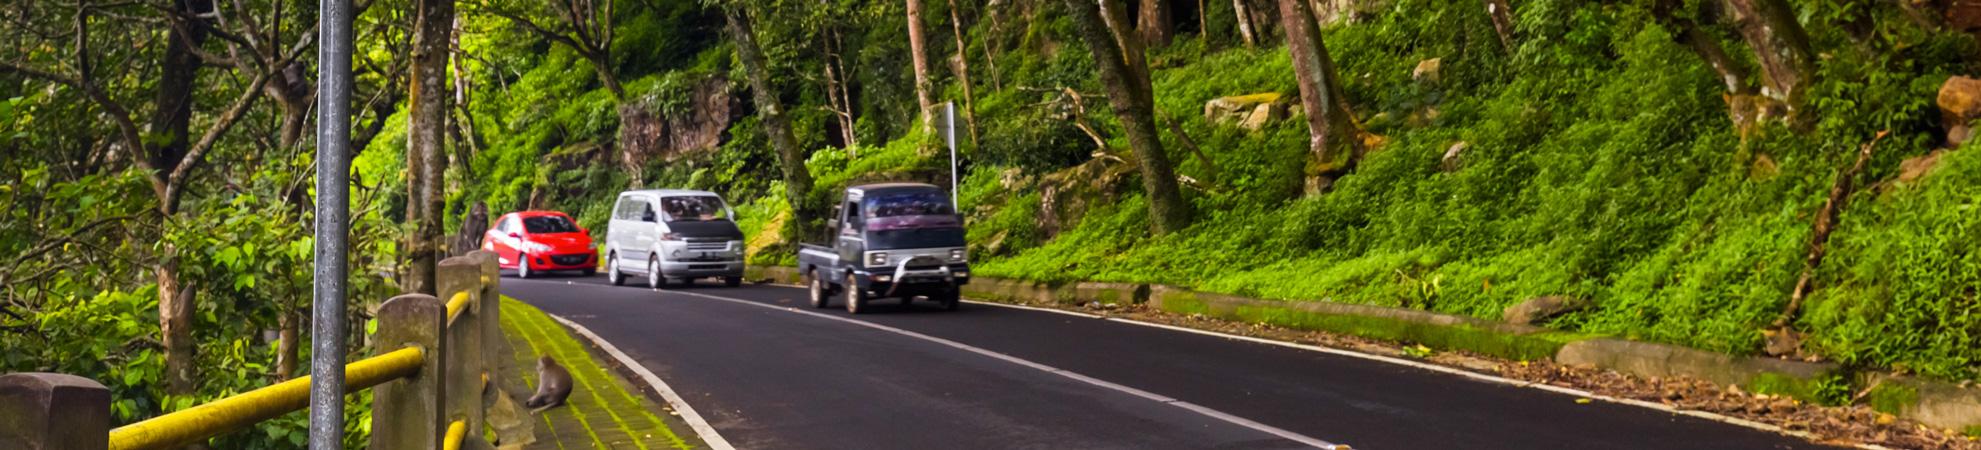 Aller à Bali en voiture